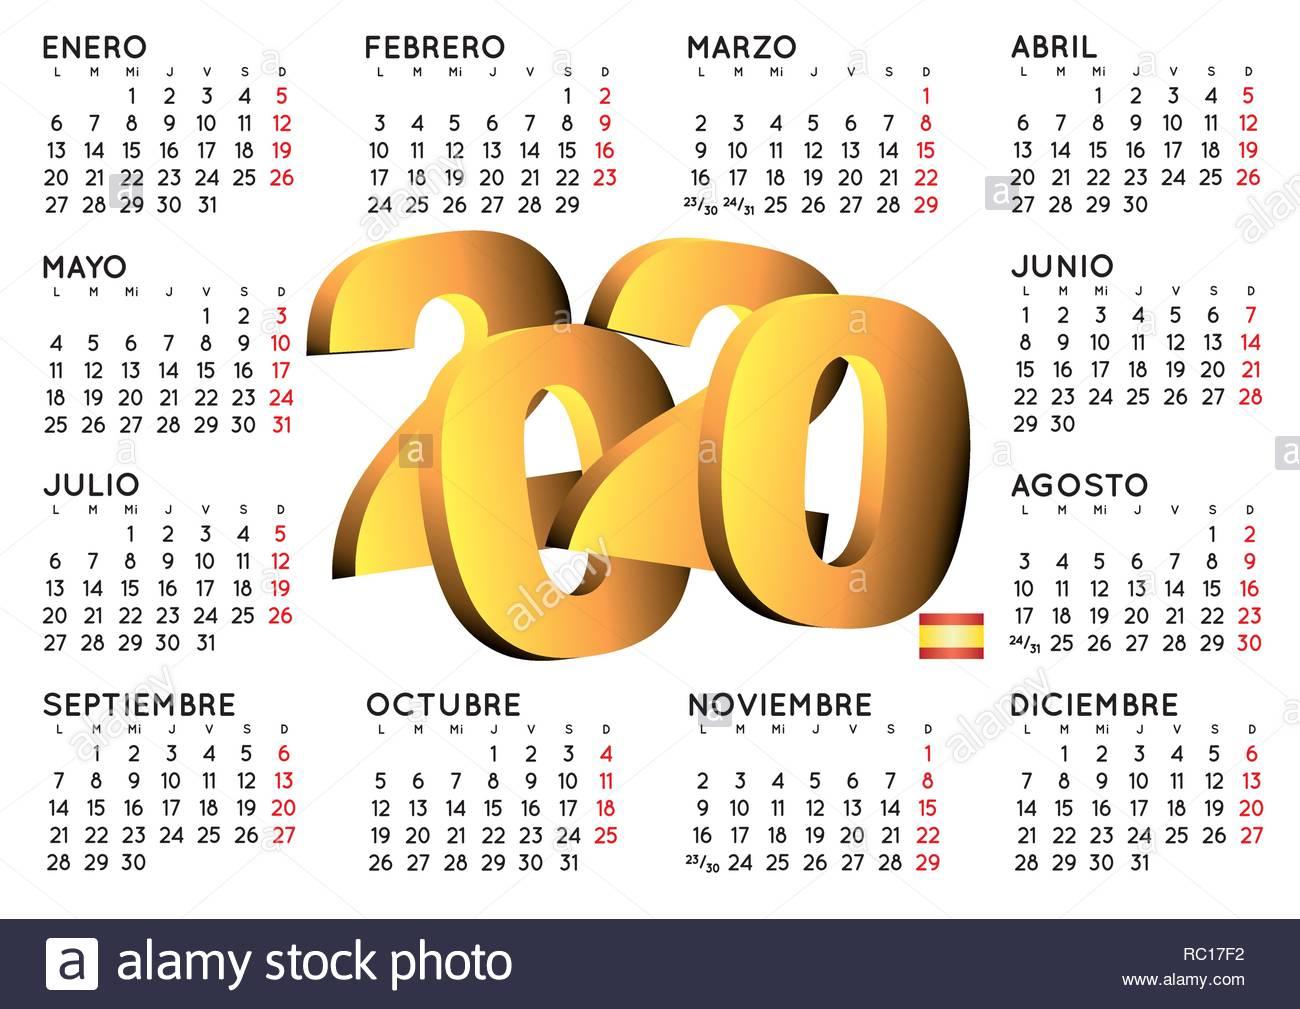 Calendario 2020 Con Foto Gratis.Calendario D 2020 Calendar Printable Free